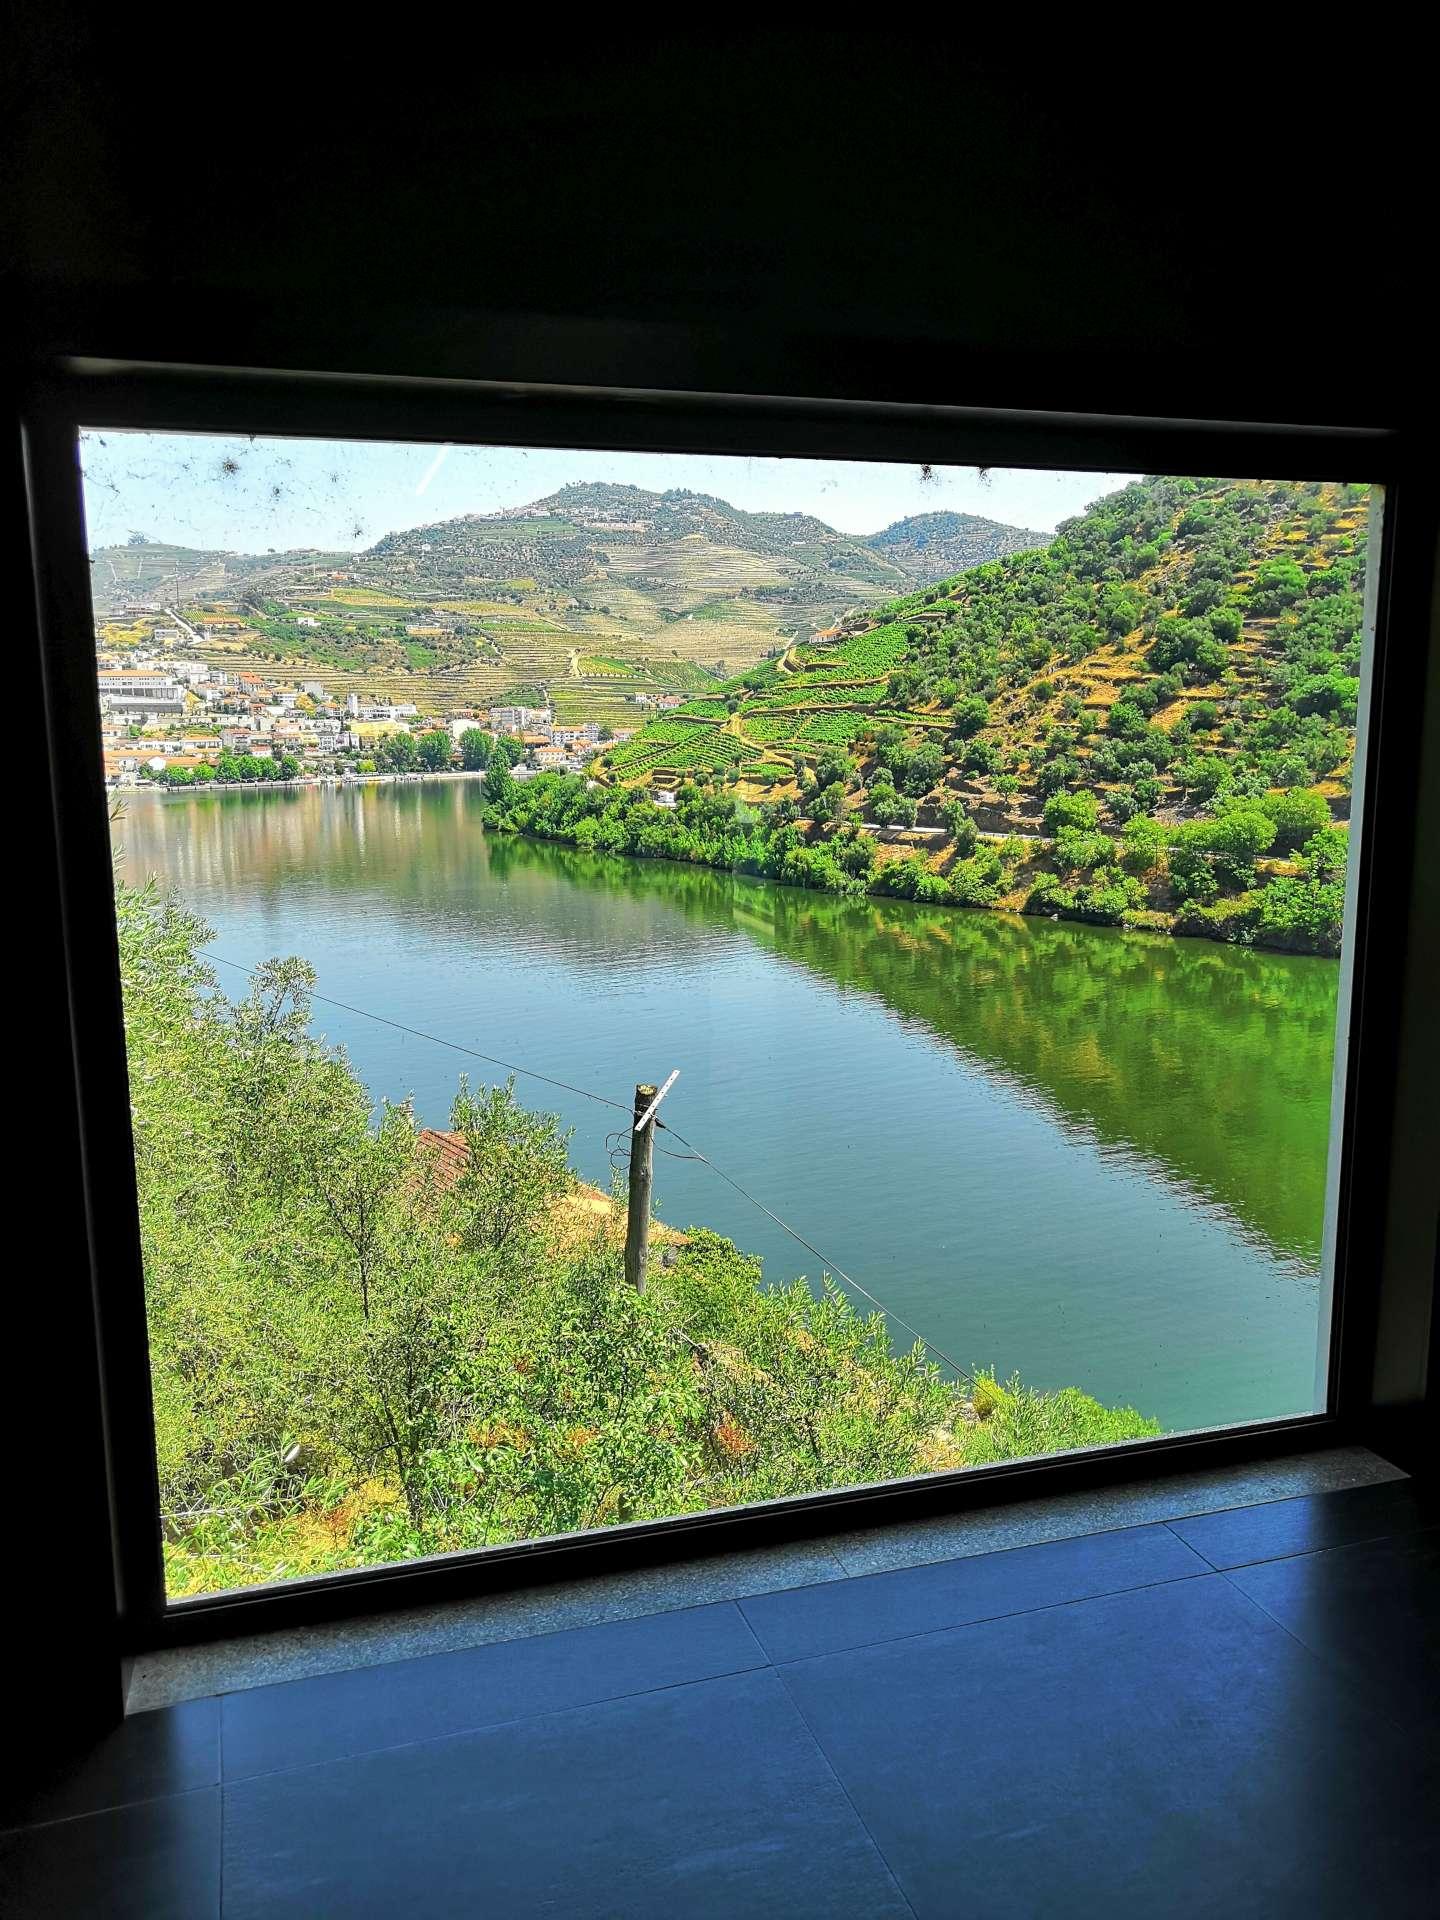 Když jsme byli u těch výhledů z oken - z tasting roomu vidíte rovnou do Pinhaa.